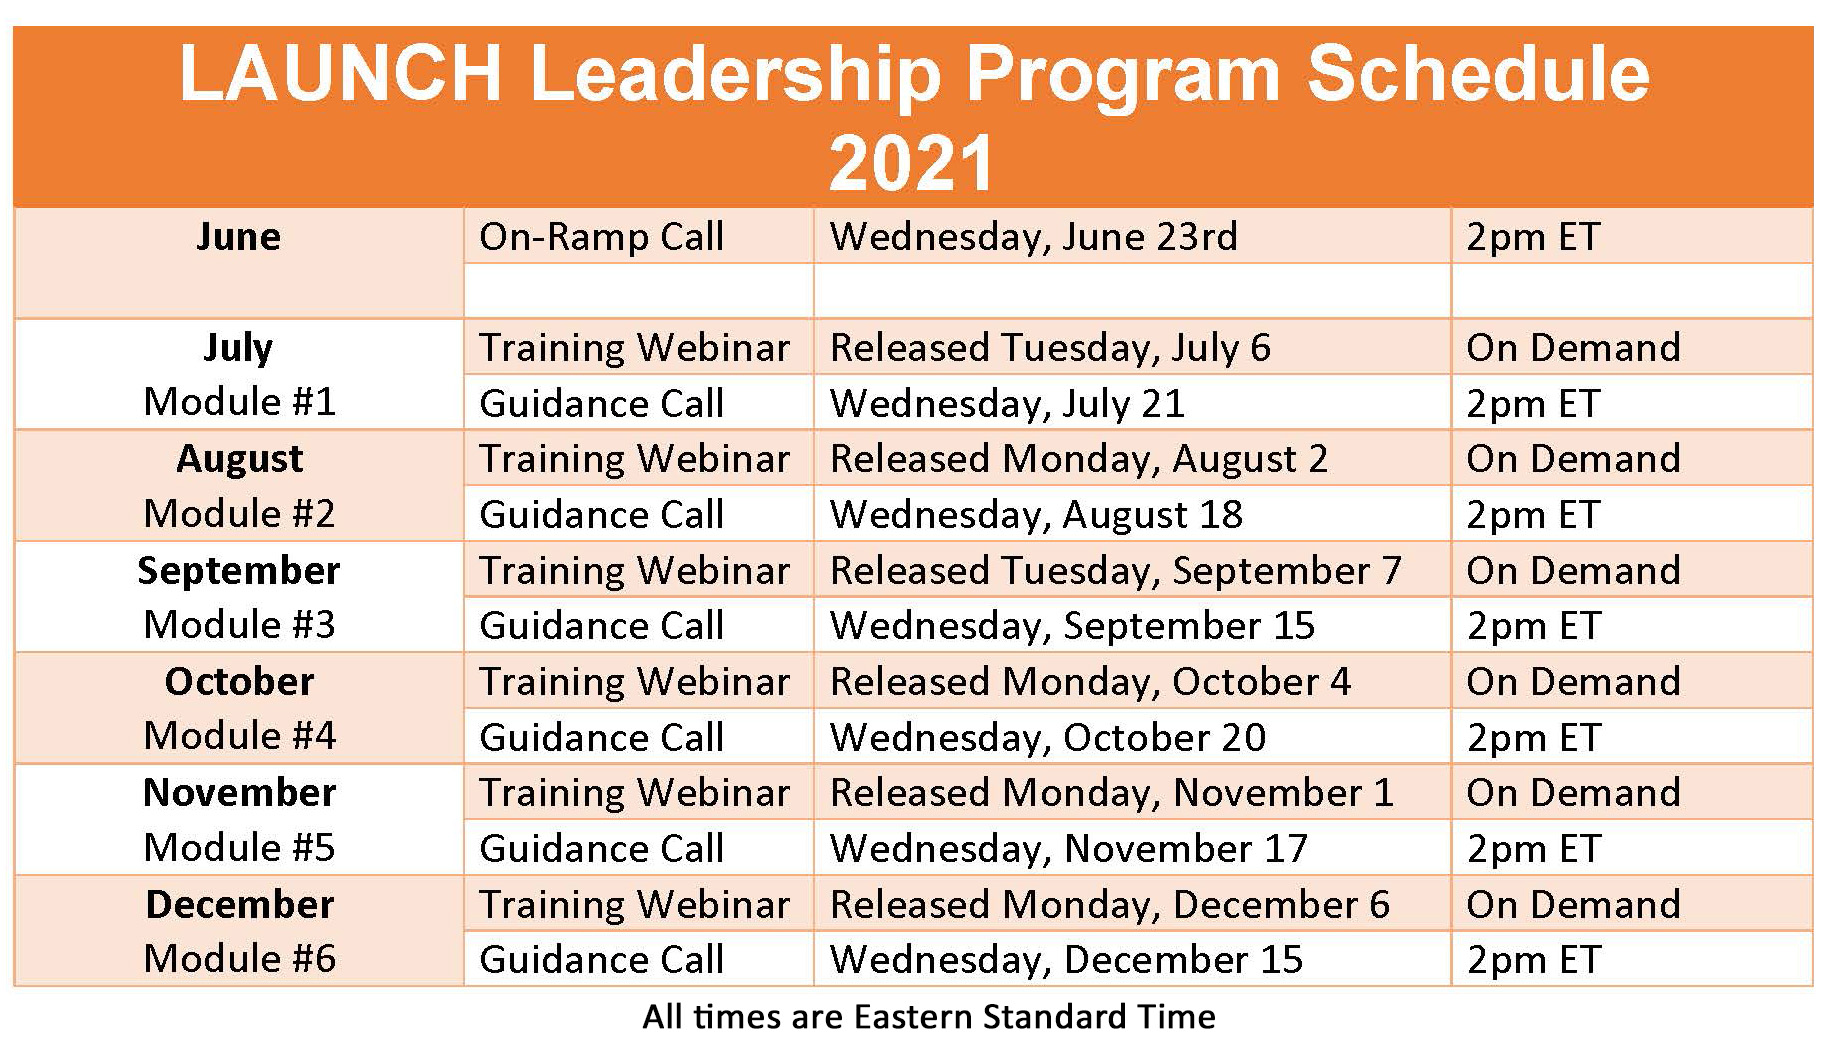 2021 Launch Program Schedule